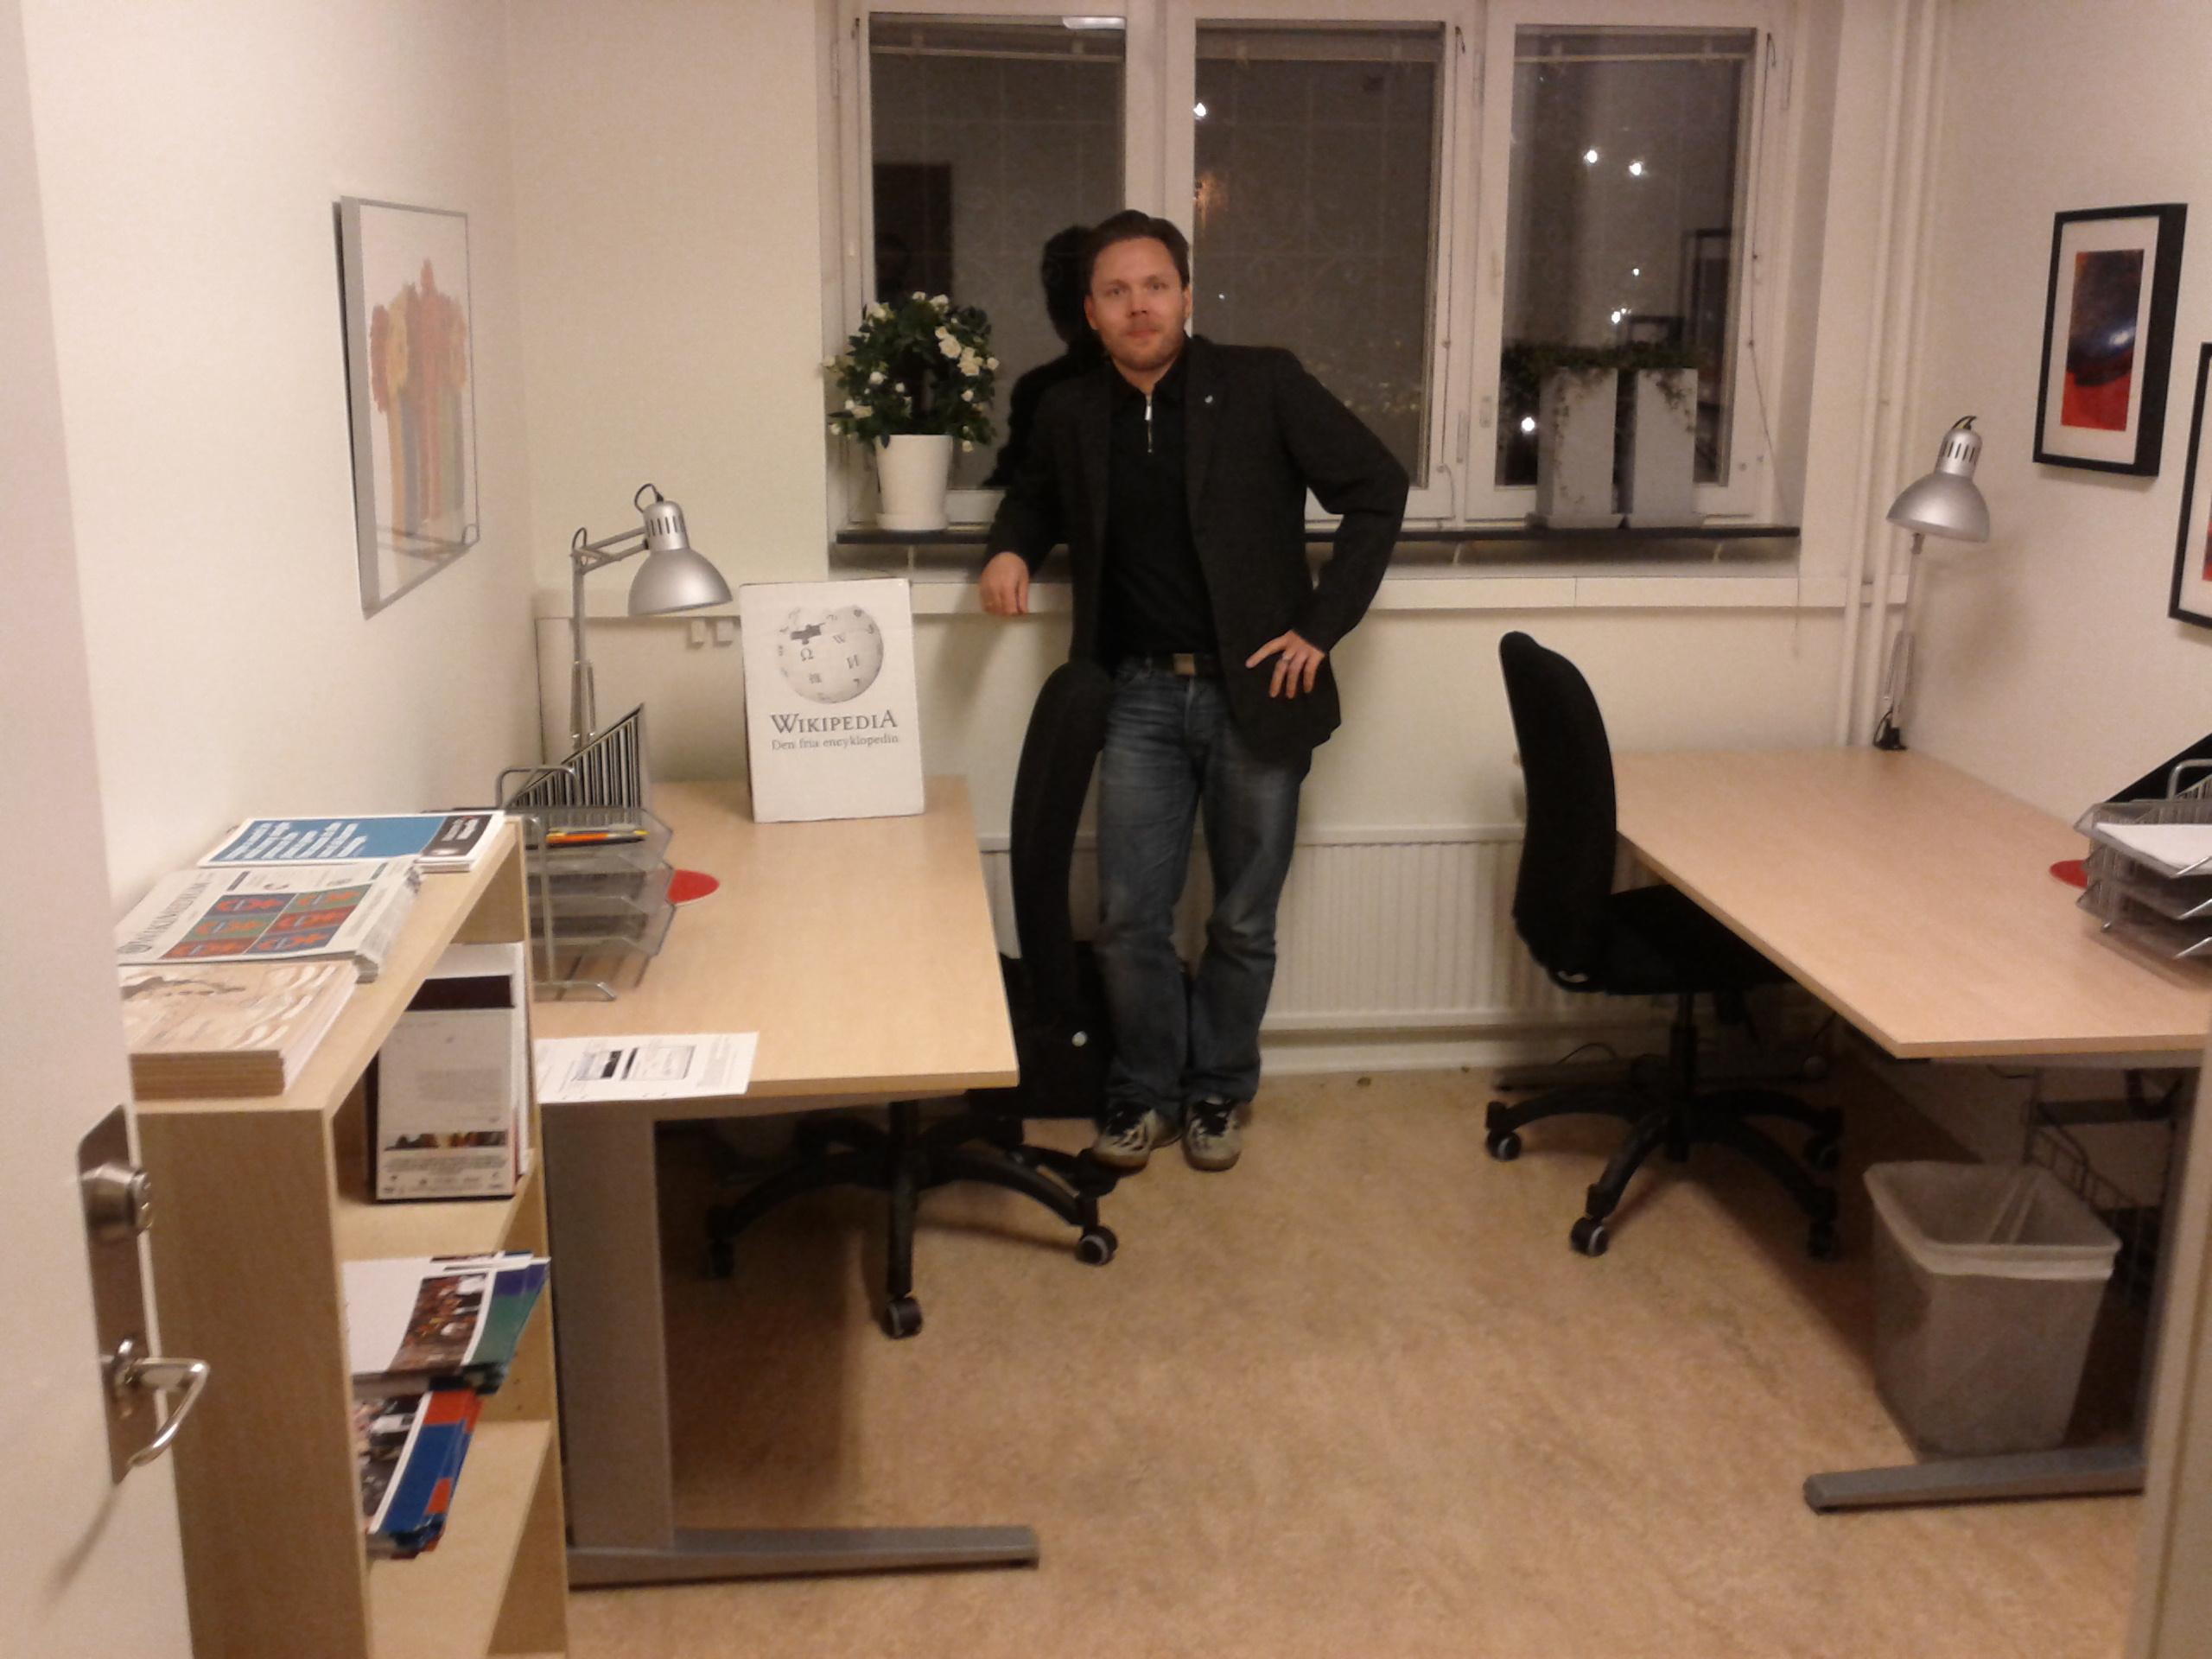 Jan Ainali på Wikimedia Sveriges kontor